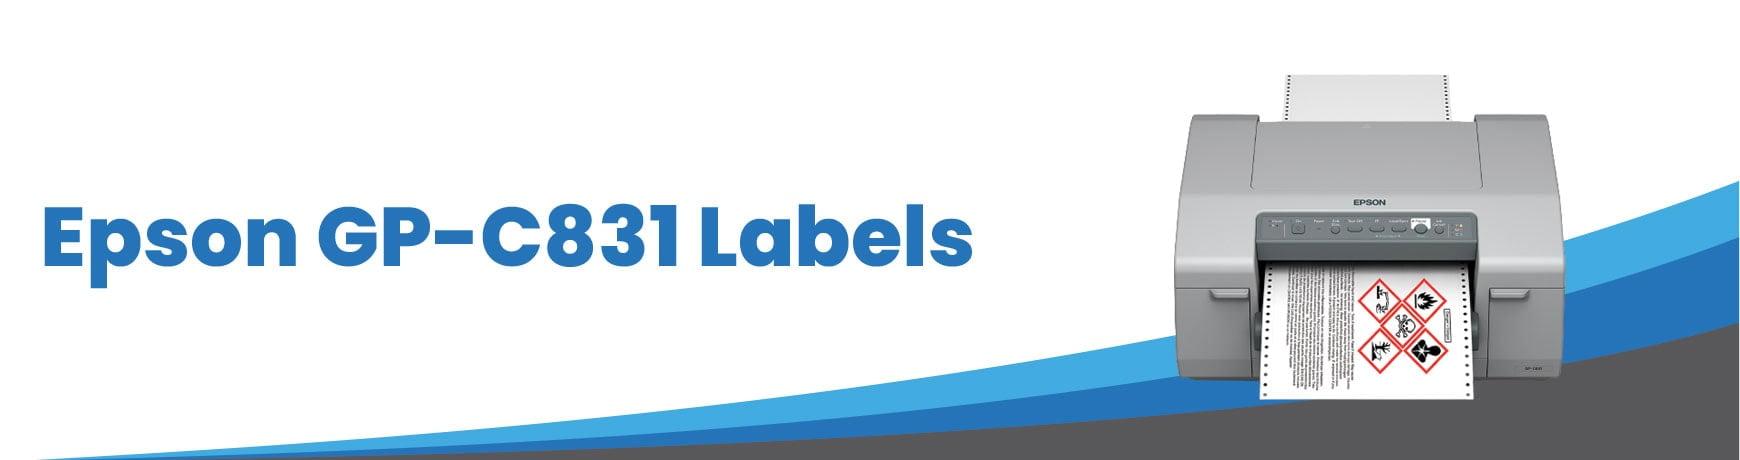 Epson GP-C831 Labels